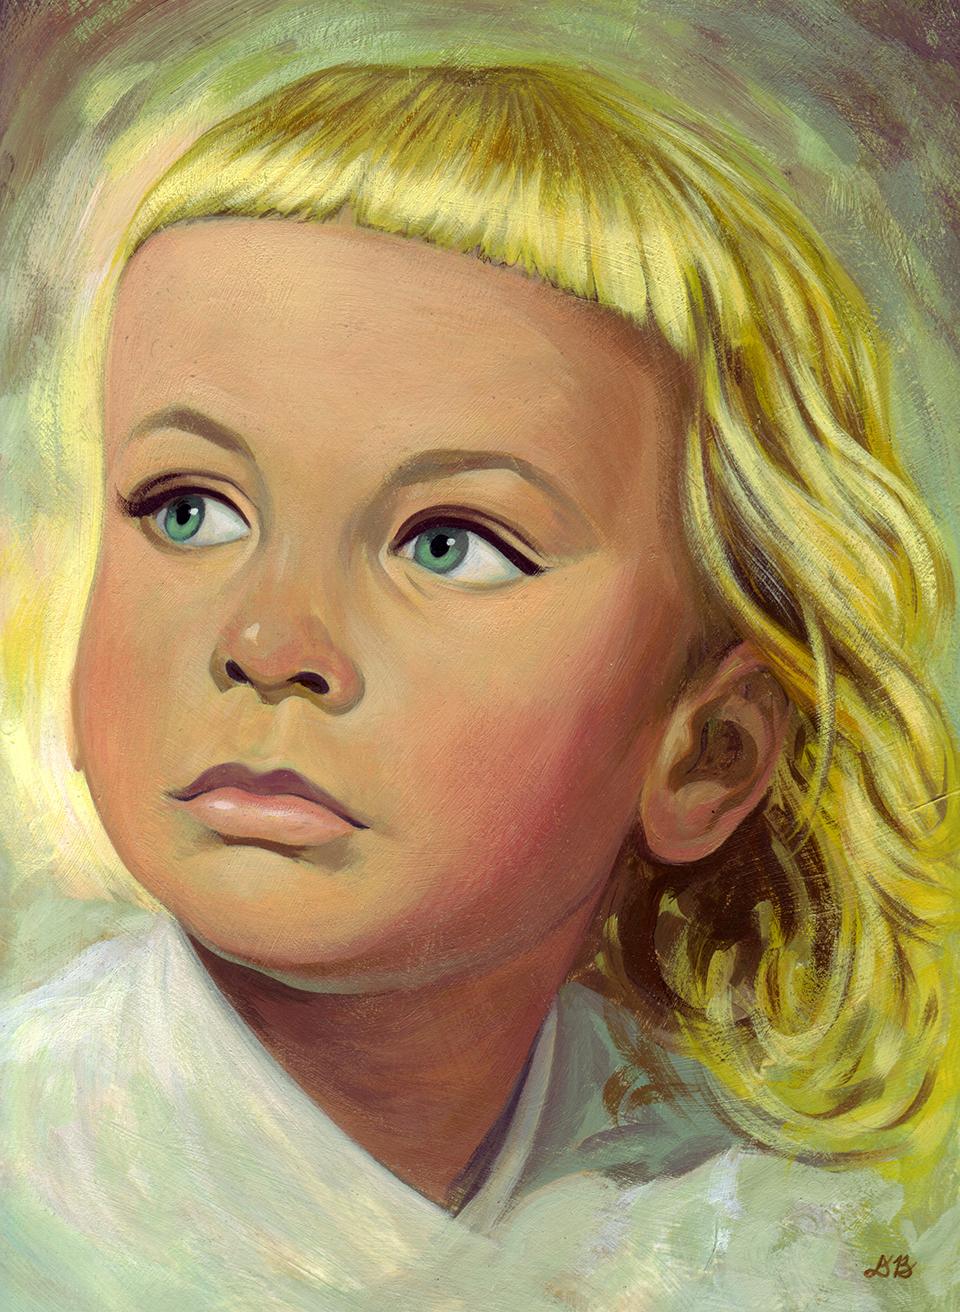 Birgitta   Acrylic on paper  Chosen American Illustration 25